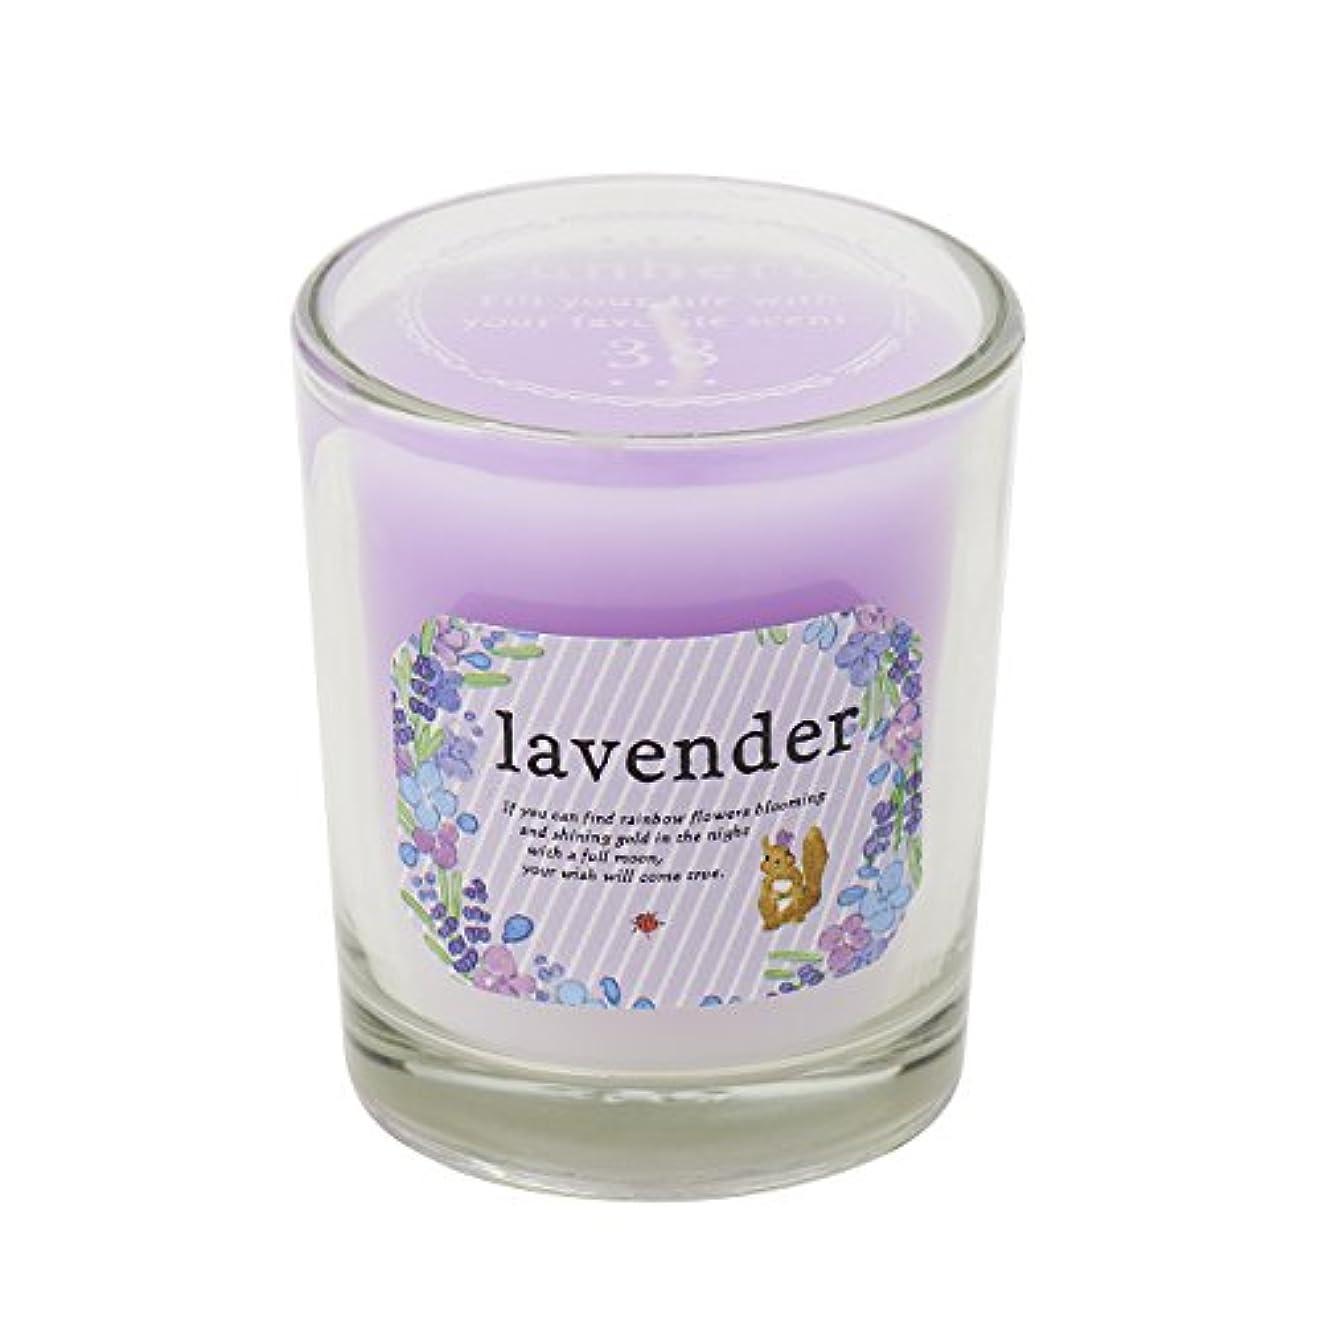 粘り強いミル代わりにサンハーブ グラスキャンドル ラベンダー 35g(グラデーションろうそく 燃焼時間約10時間 ふわっと爽やかなラベンダーの香り)